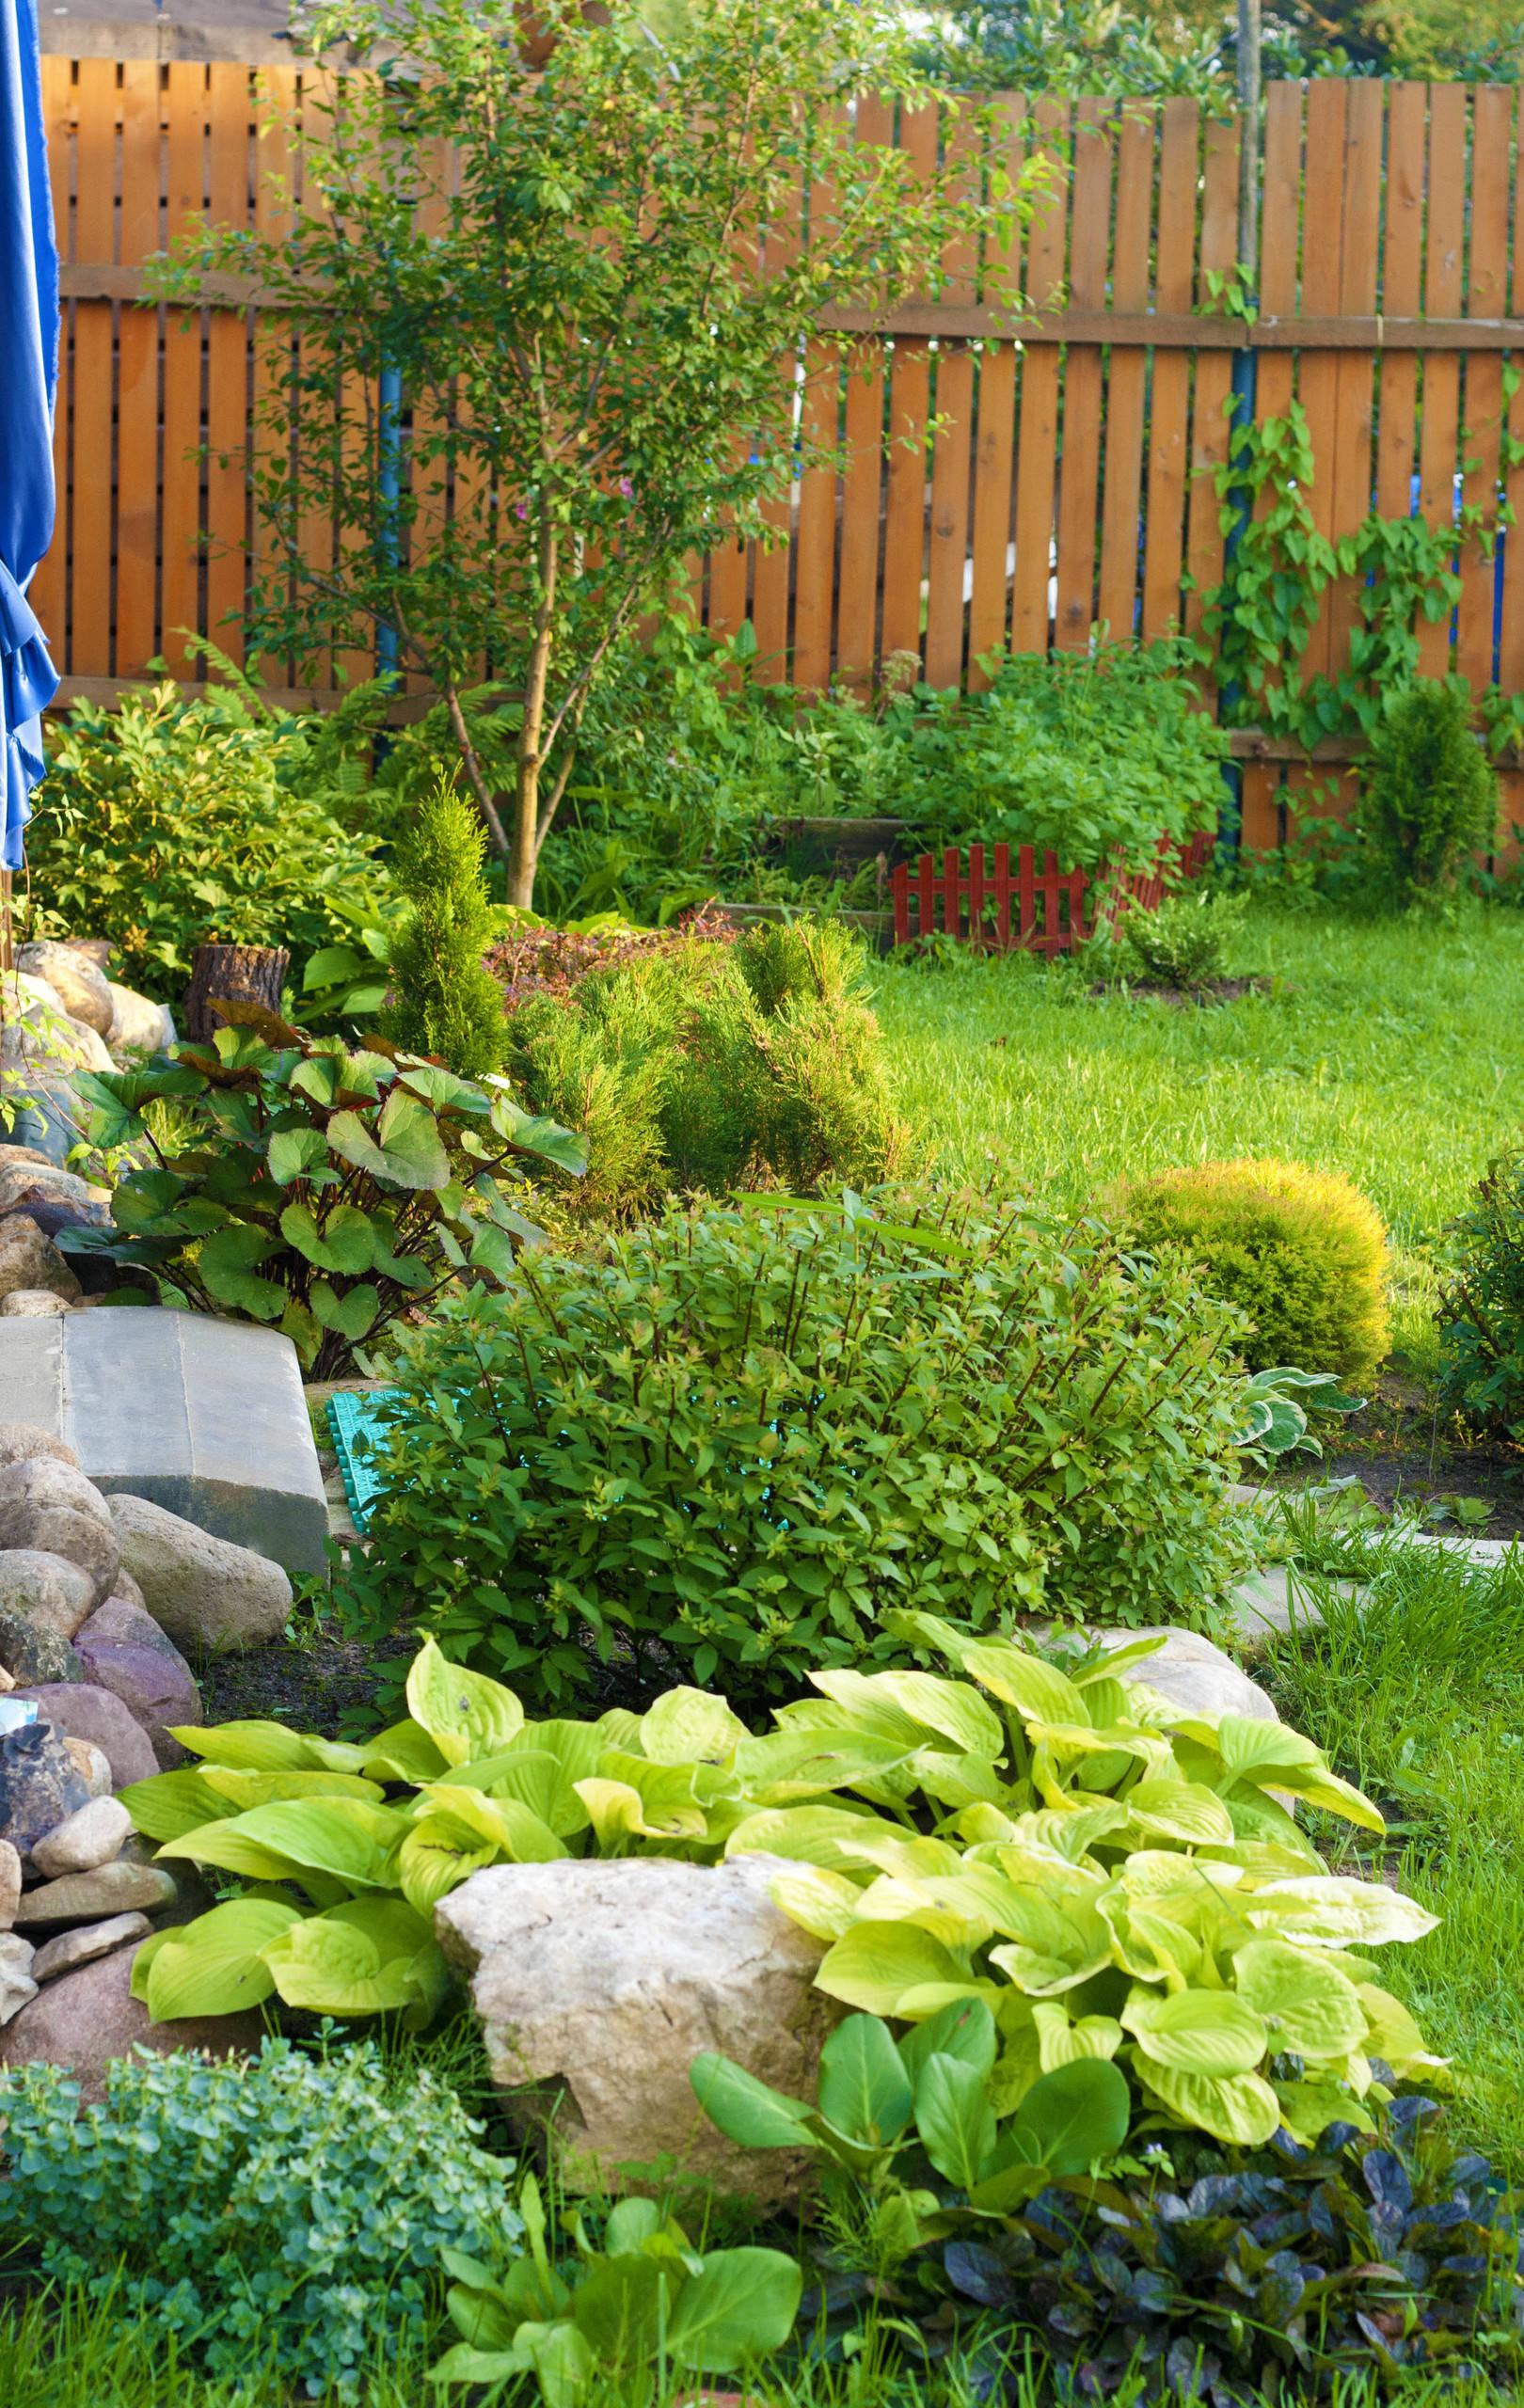 Озеленение и благоустройство зоны отдыха на территории частного сада